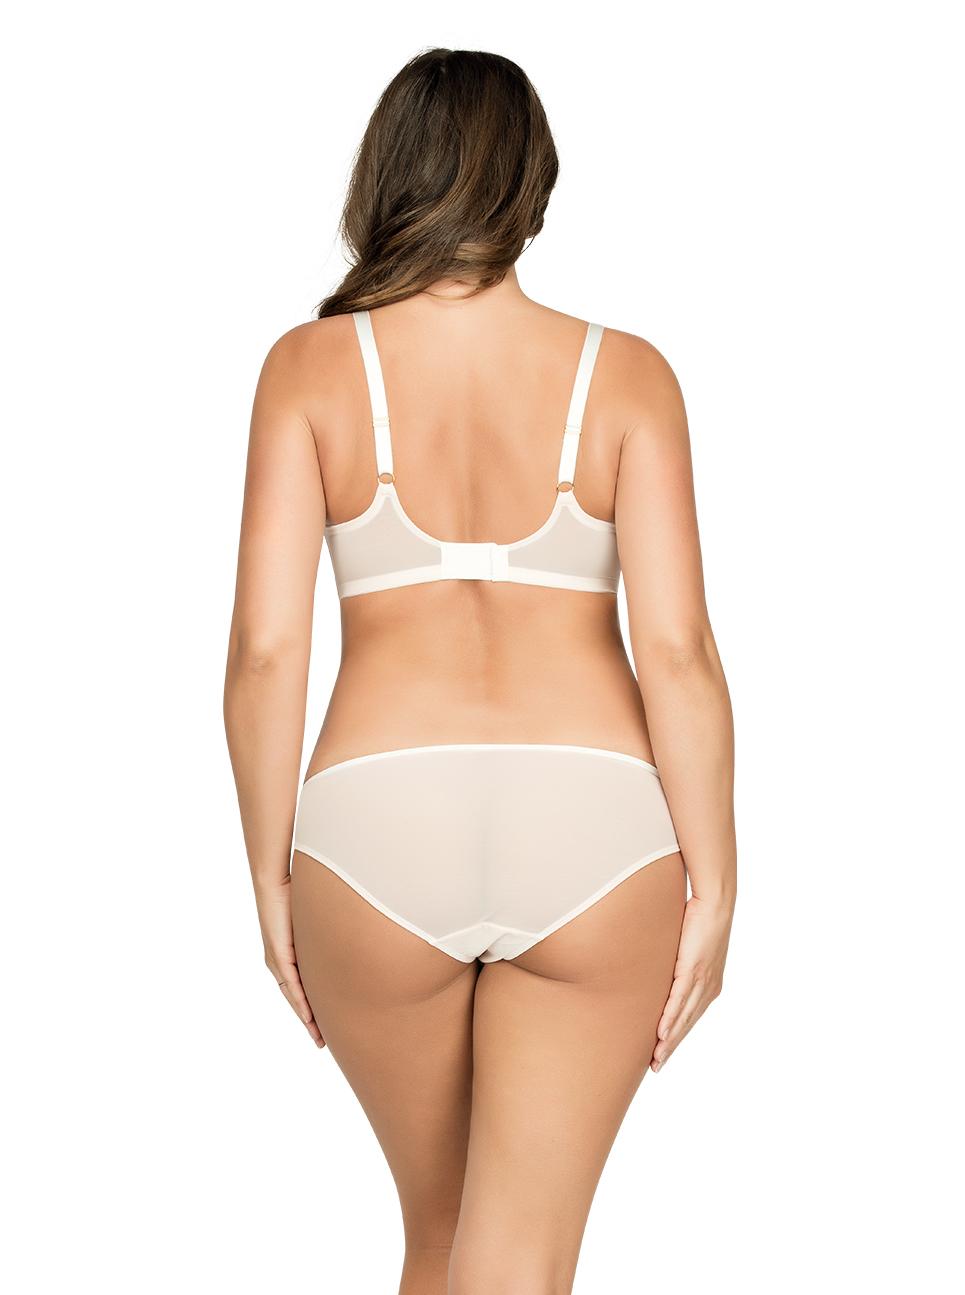 PARFAIT Briana PaddedBraP5671 BikiniP5673 PetalPinkFloral Back - Briana Bikini Petal Pink w Floral P5673